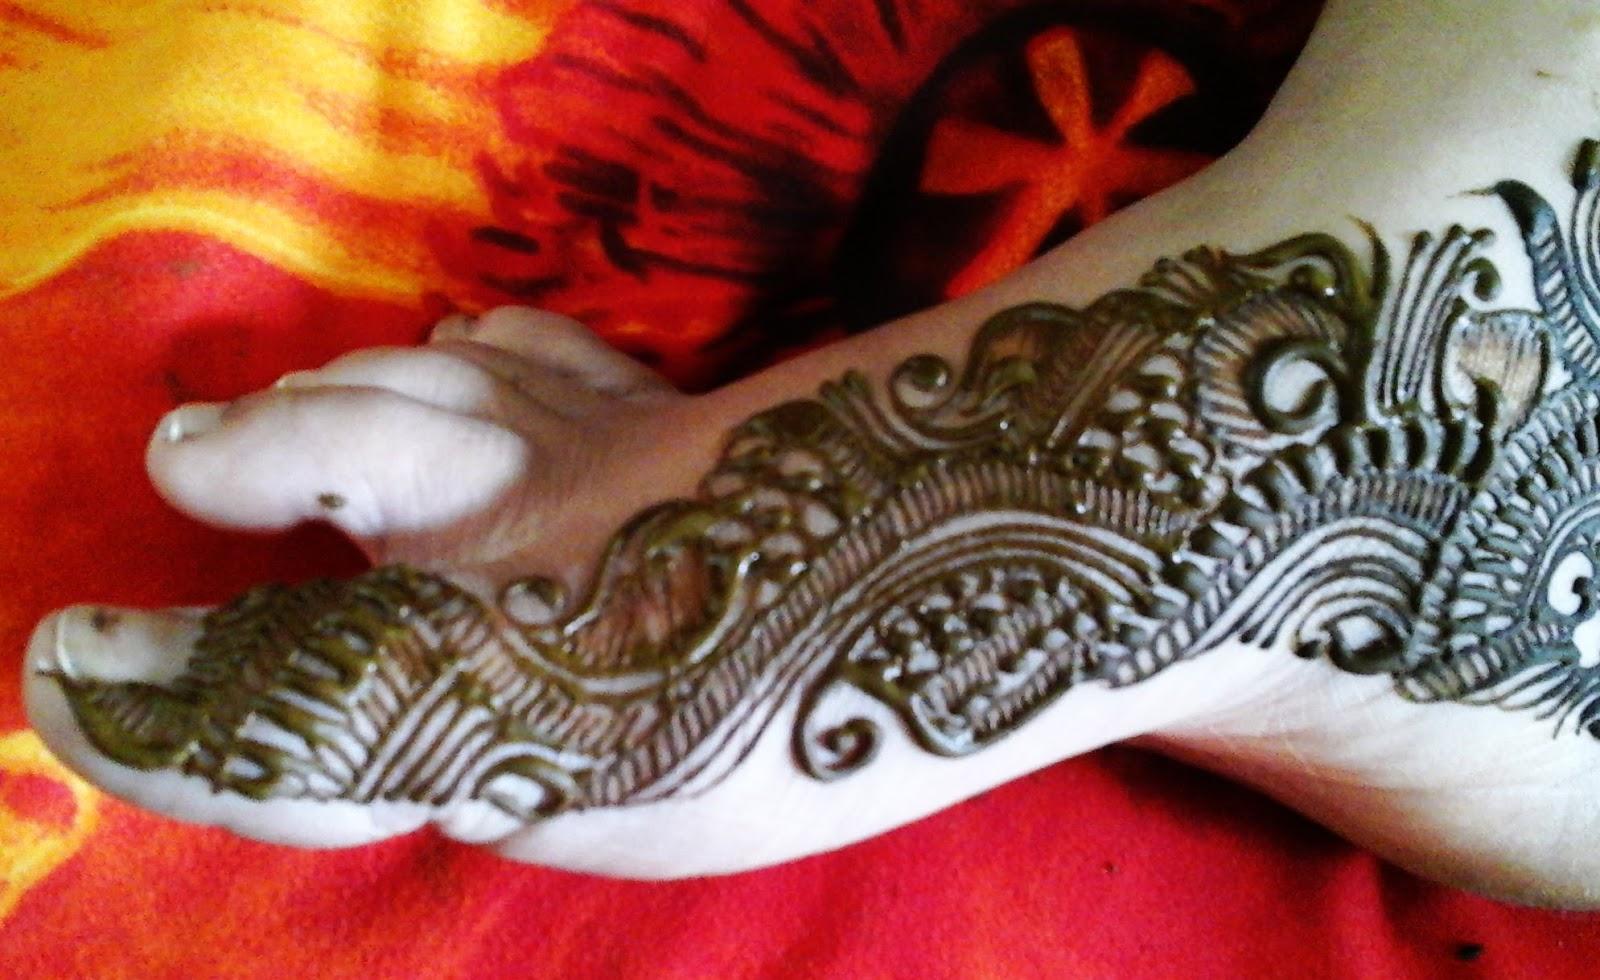 Mehndi design 2017 in pakistan - Mehndi Designs Are Of Many Types Arabic Mehndi Design Indian Mehndi Design Pakistani Mehndi Design Mehndi Design For Left Hand Is Described Below In This